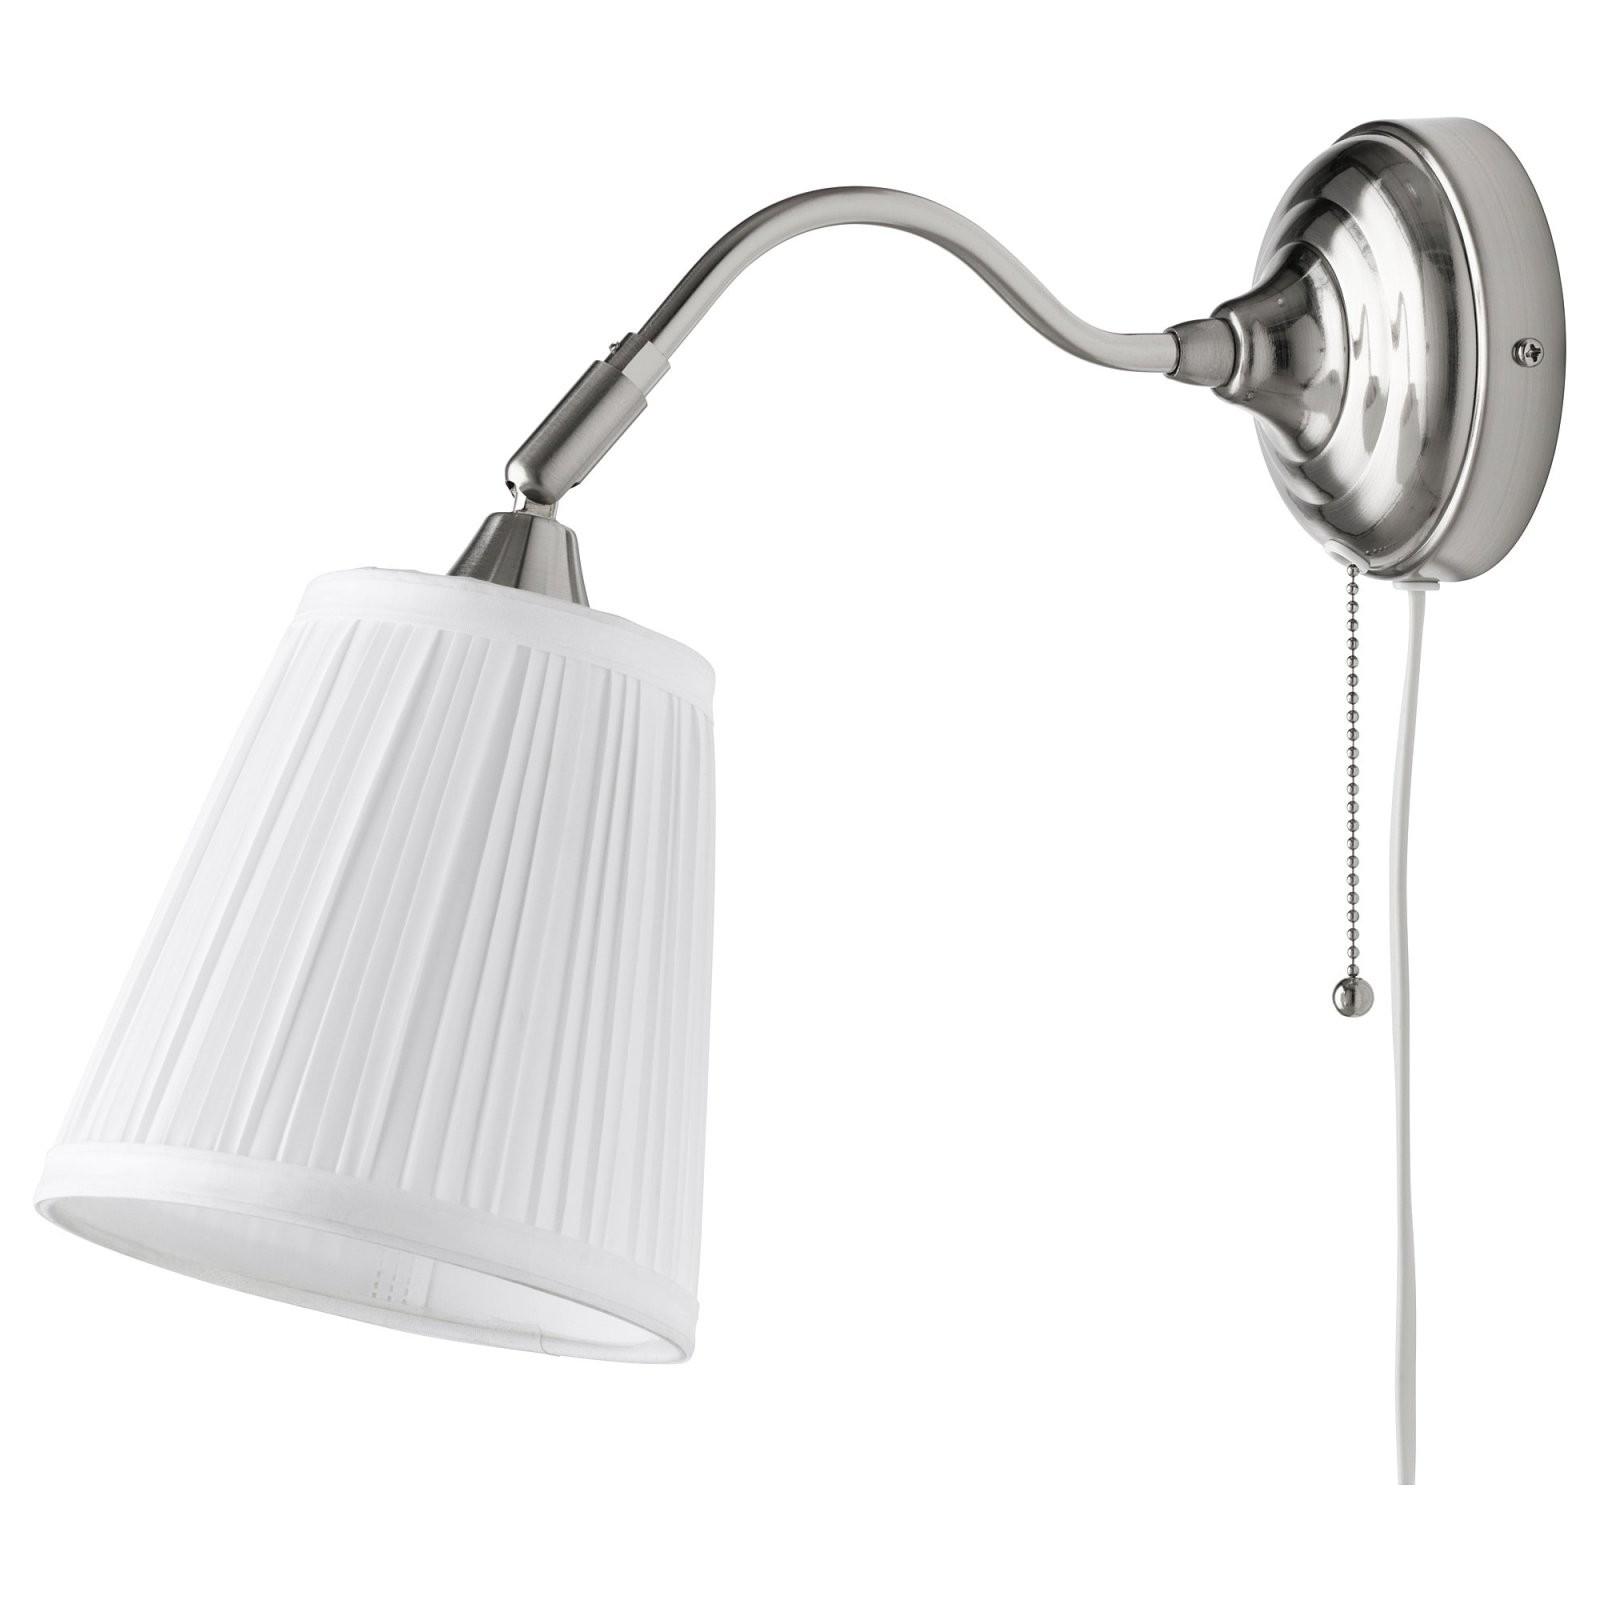 Årstid Wandleuchte  Vernickelt Weiß  Ikea von Wandlampe Mit Schalter Ikea Bild